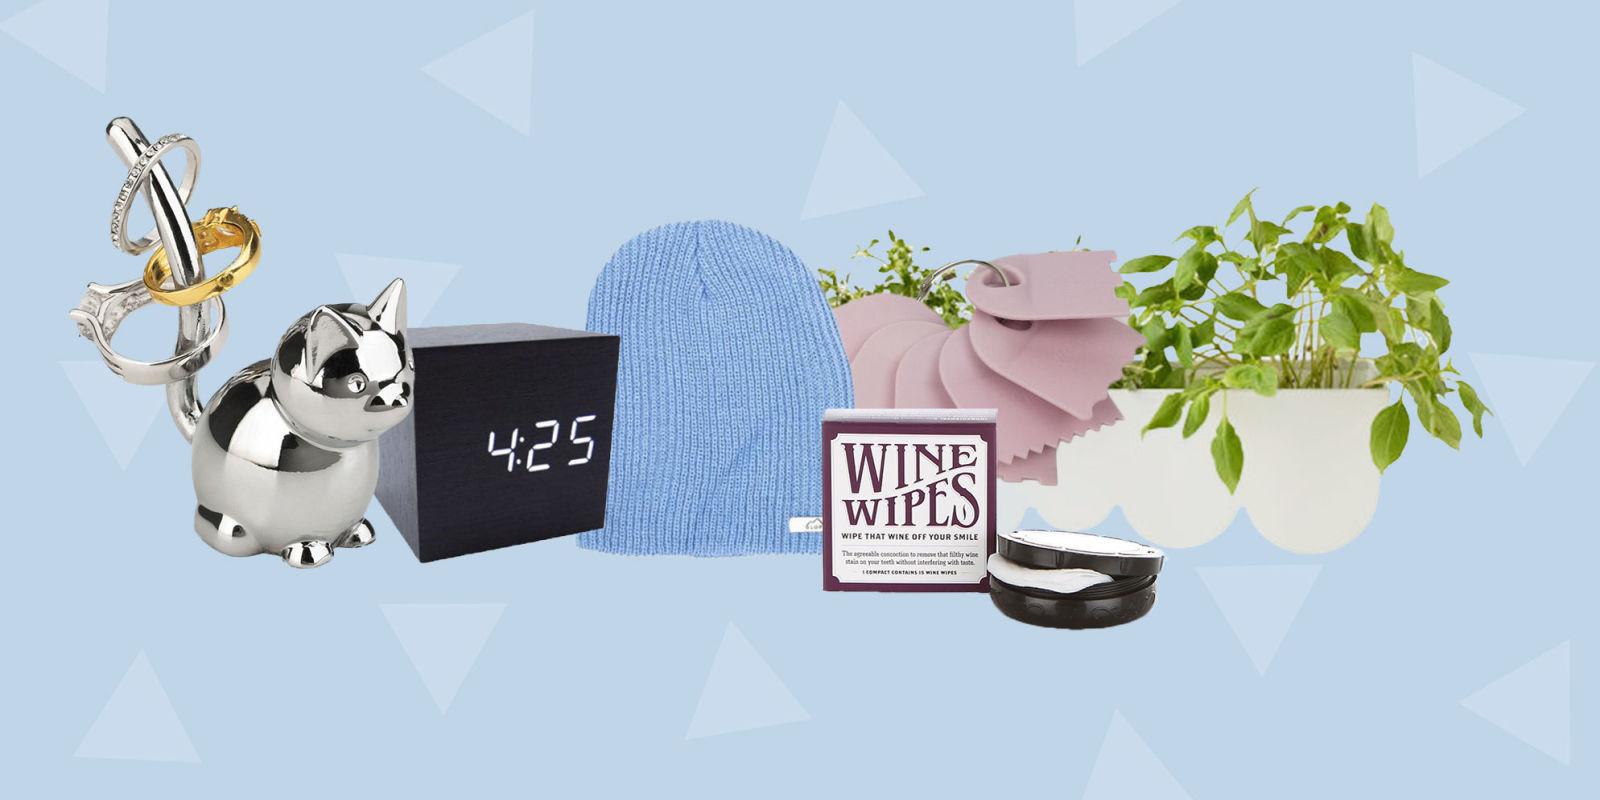 Best 28 10 Dollar Christmas Gift Ideas Pretty Crafty